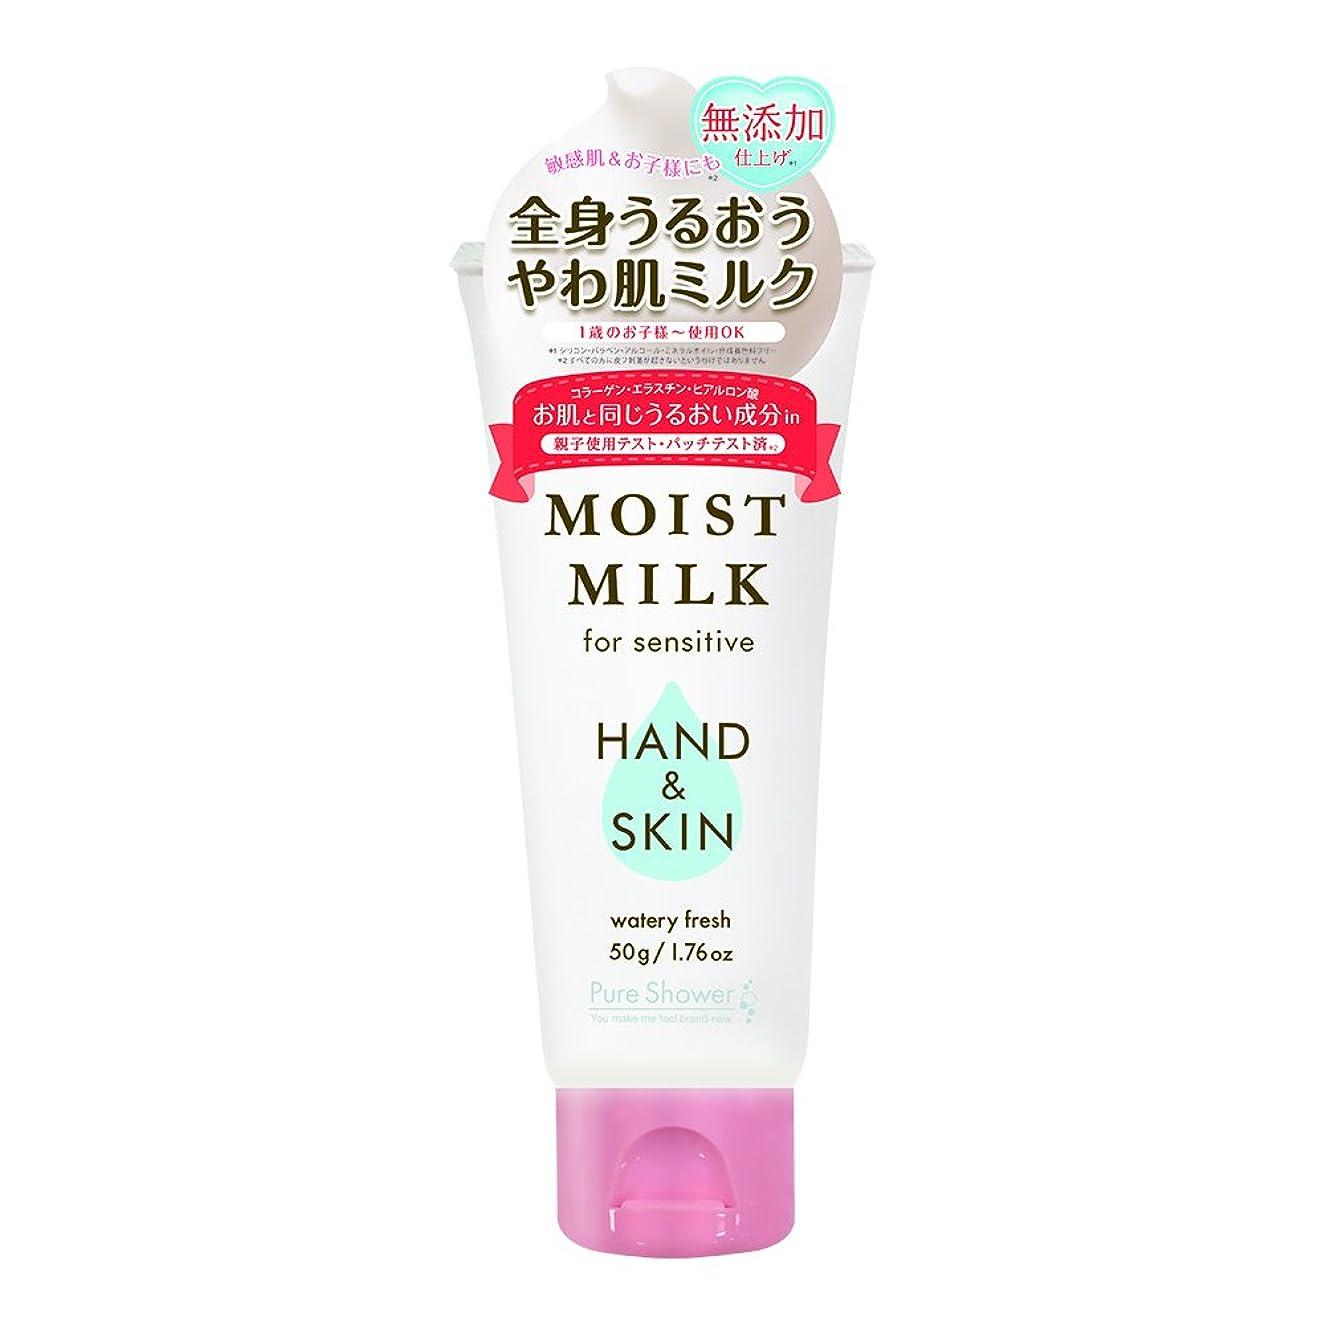 居間正当化する調停者Pure Shower(ピュアシャワー) ハンド&スキンミルク 50g(ミニサイズ)